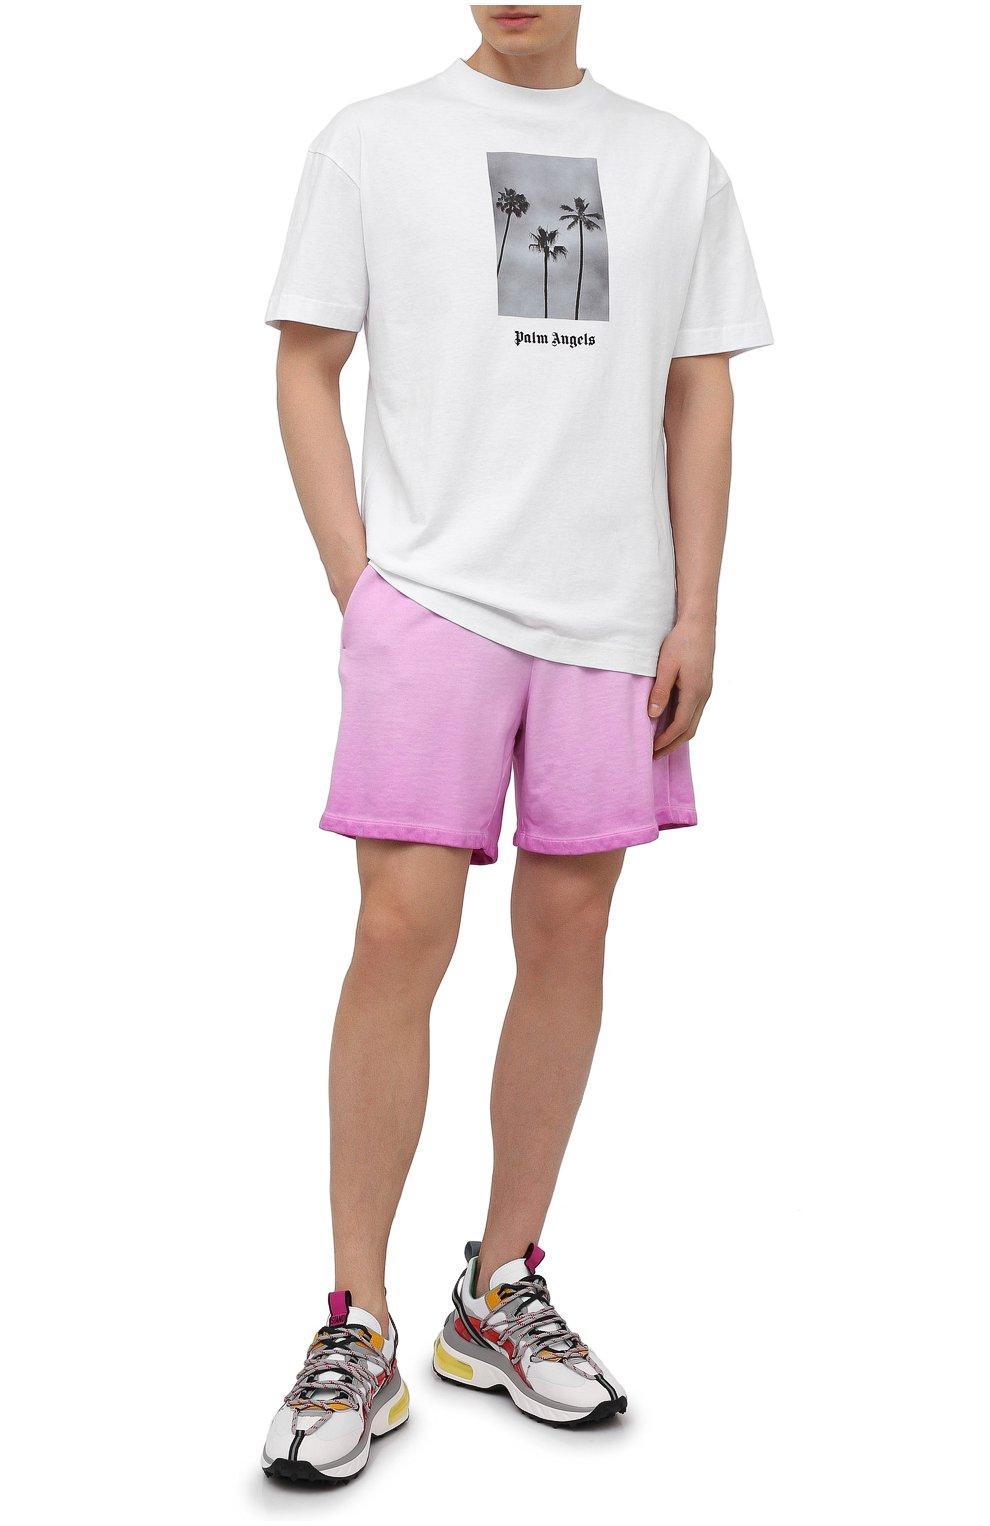 Мужские хлопковые шорты OPENING CEREMONY розового цвета, арт. YMCI001S21FLE001 | Фото 2 (Длина Шорты М: До колена; Принт: Без принта; Кросс-КТ: Трикотаж; Материал внешний: Хлопок; Стили: Спорт-шик)